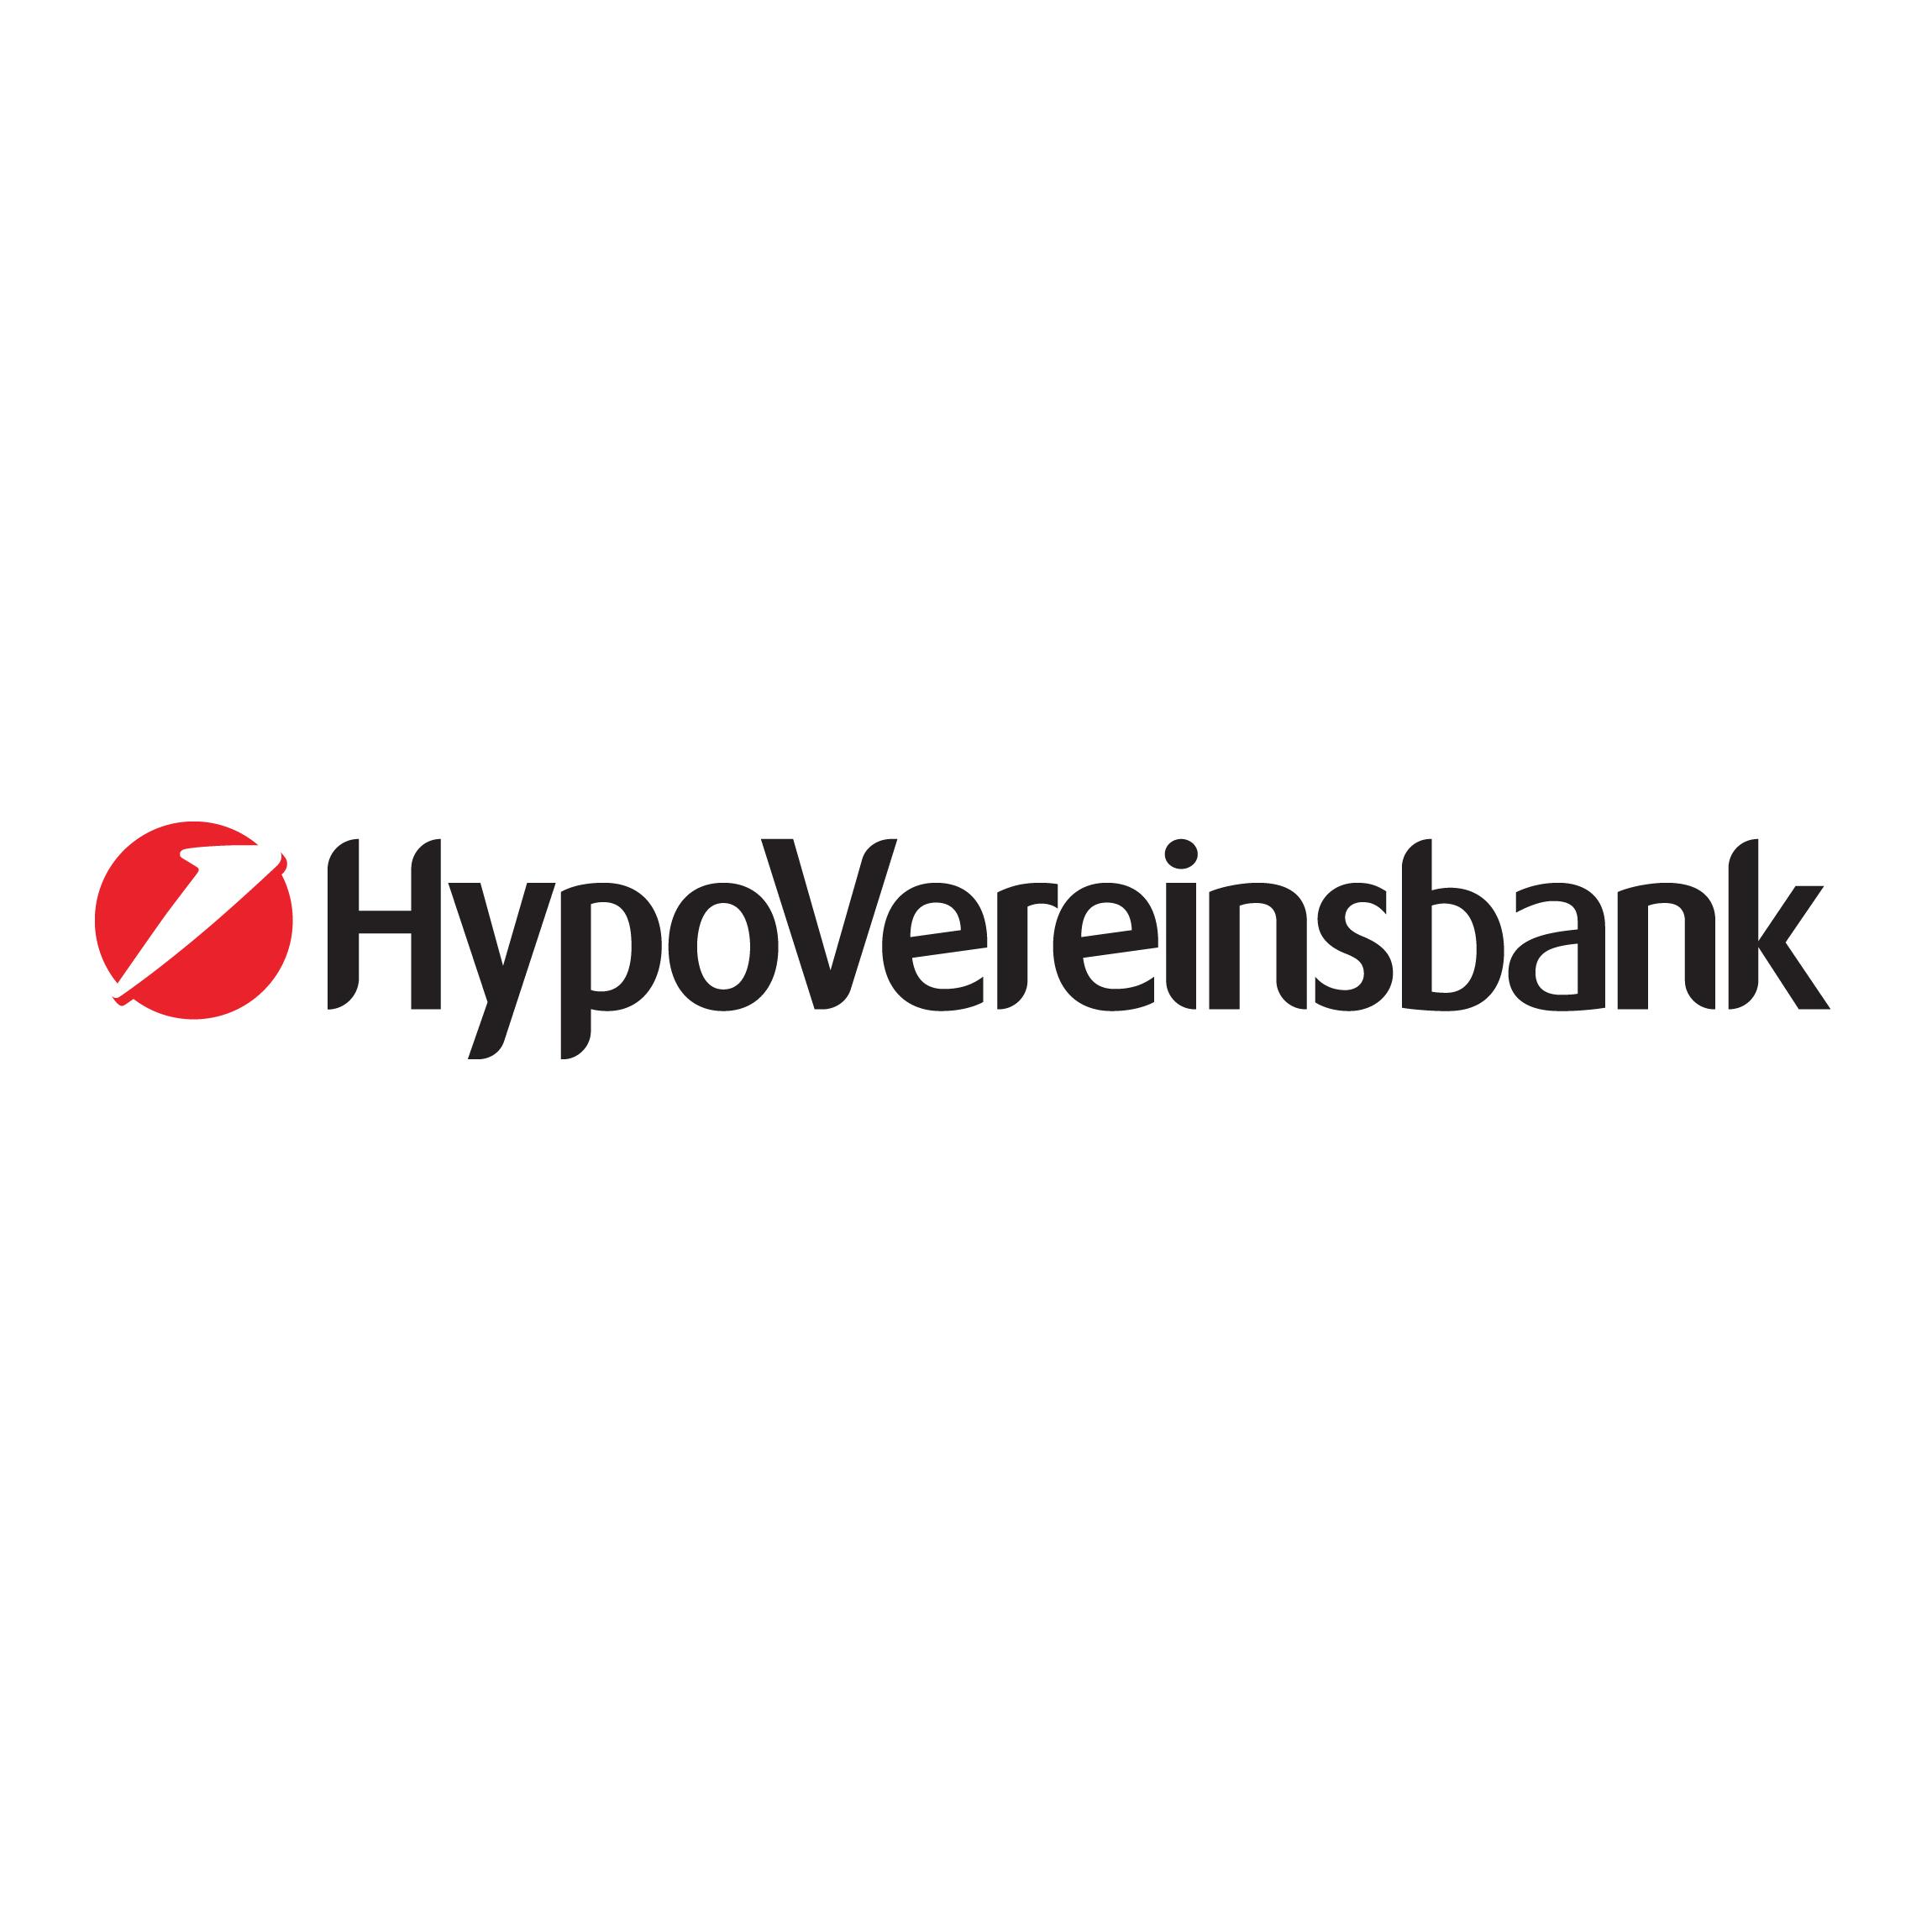 HypoVereinsbank Private Banking Mannheim